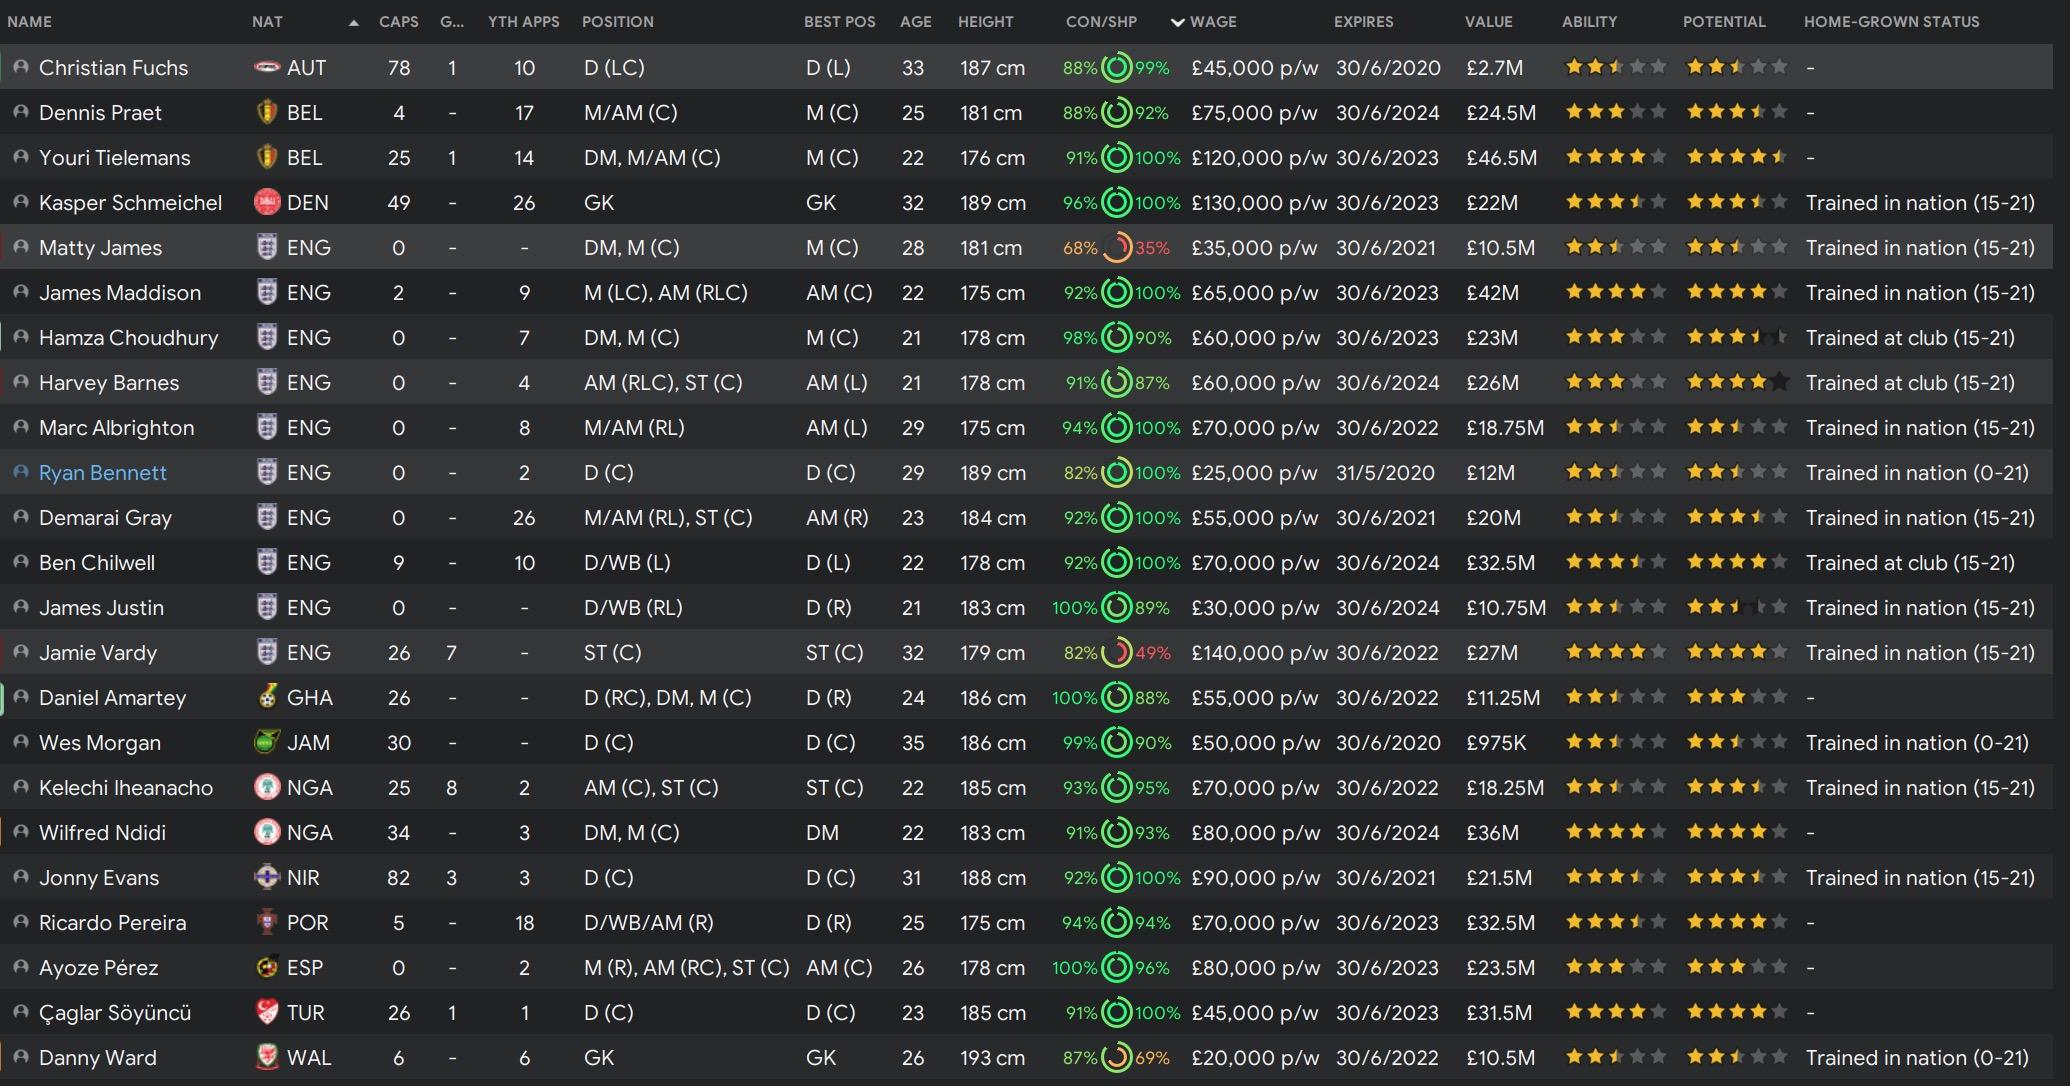 Screenshot 2020-06-22 at 10.04.41.jpg